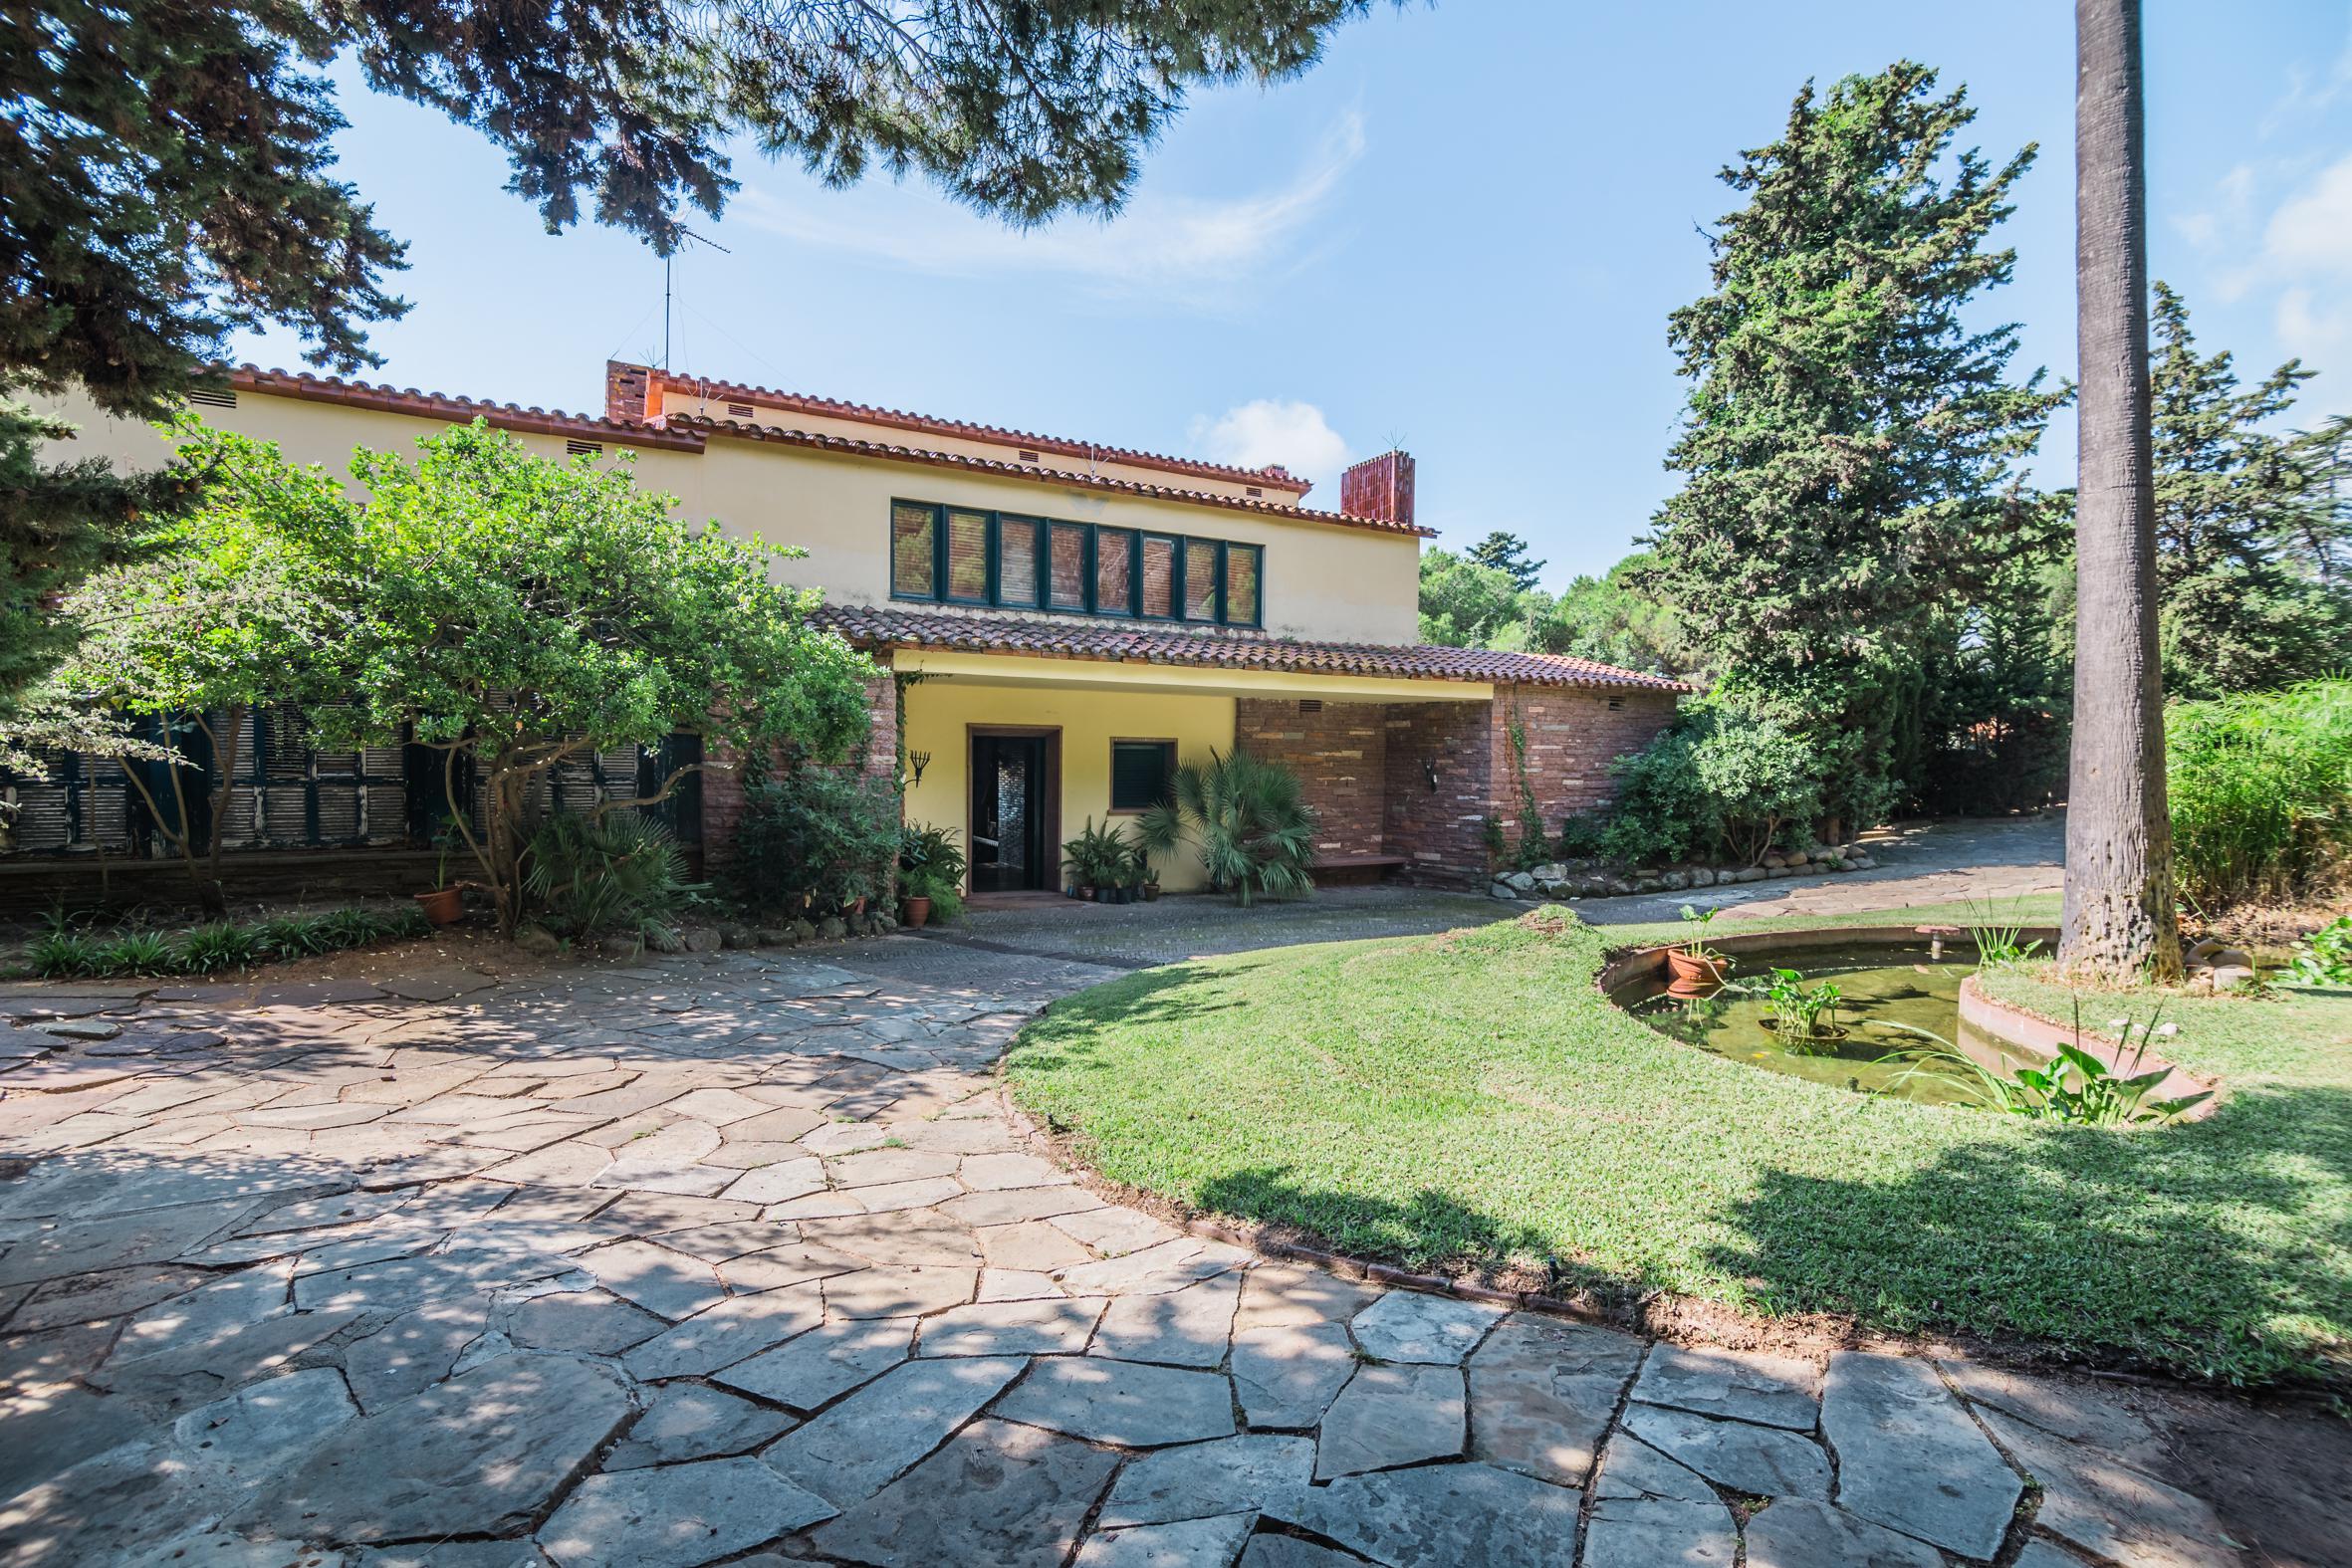 213533 Casa en venta en Sant Andreu de Llavaneres 5